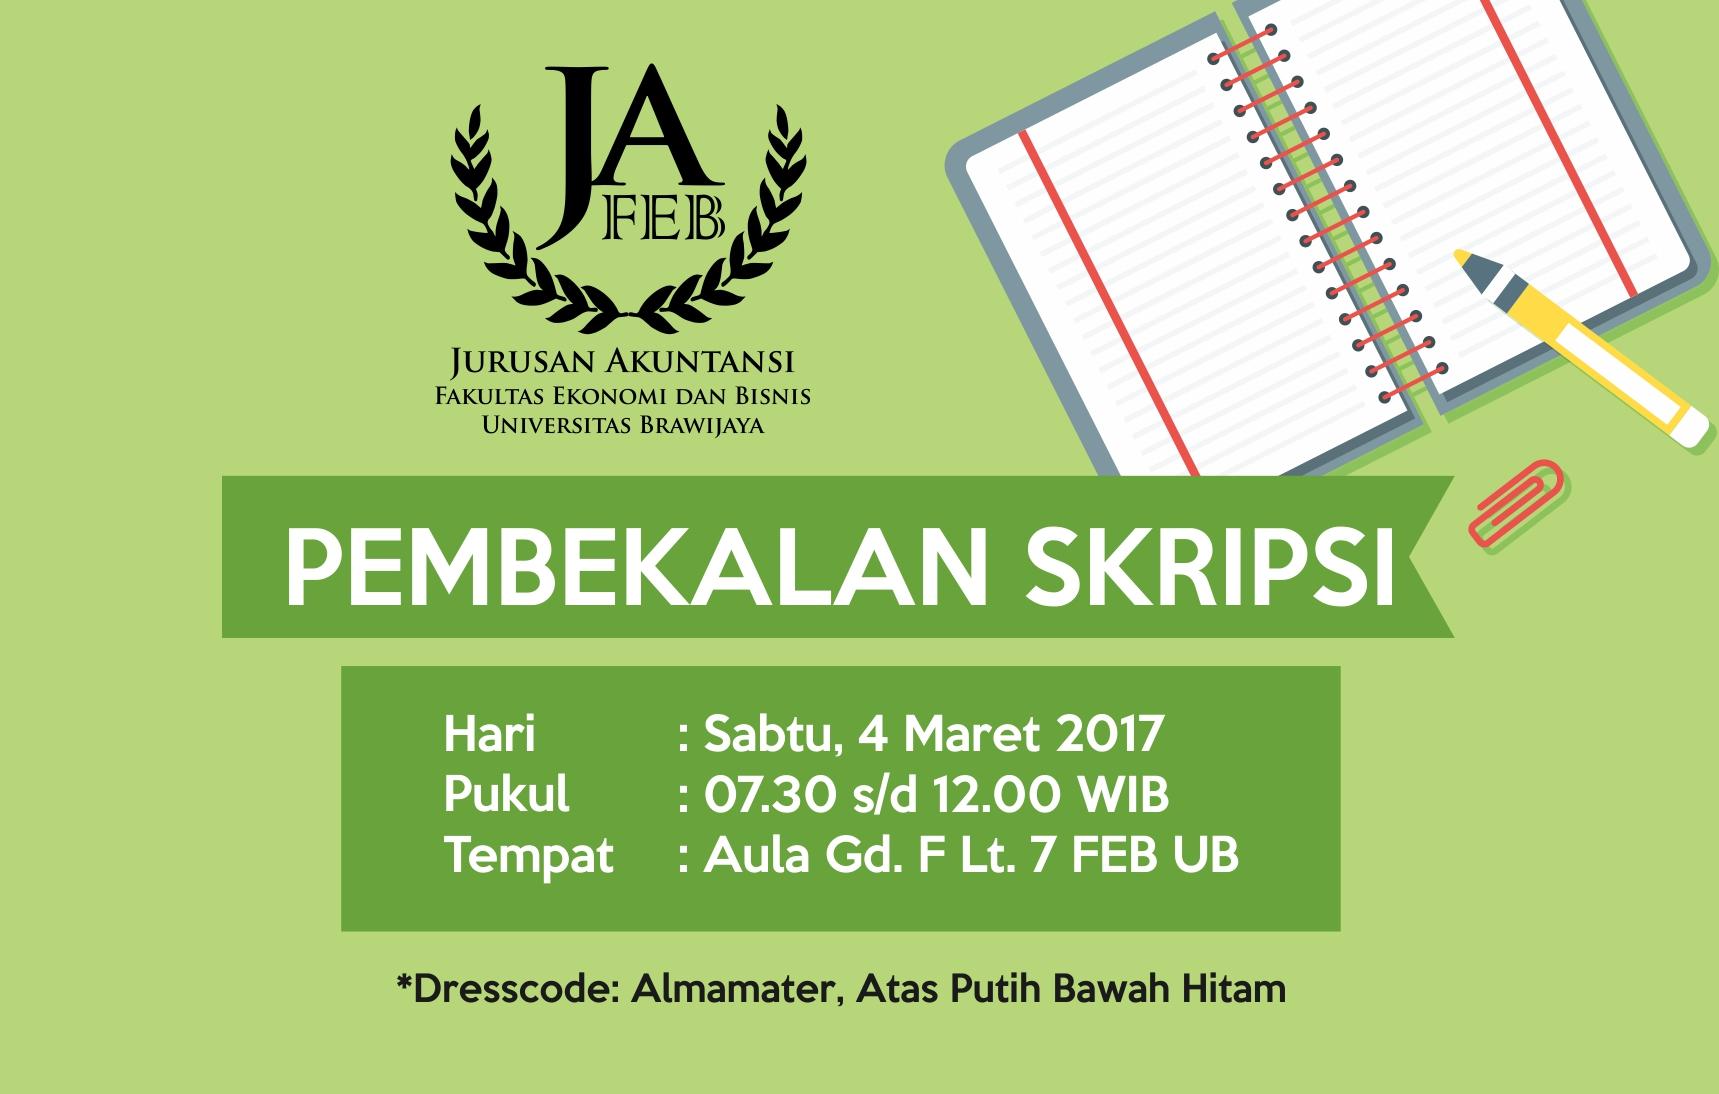 Pembekalan Skripsi Semester Genap 2016/2017